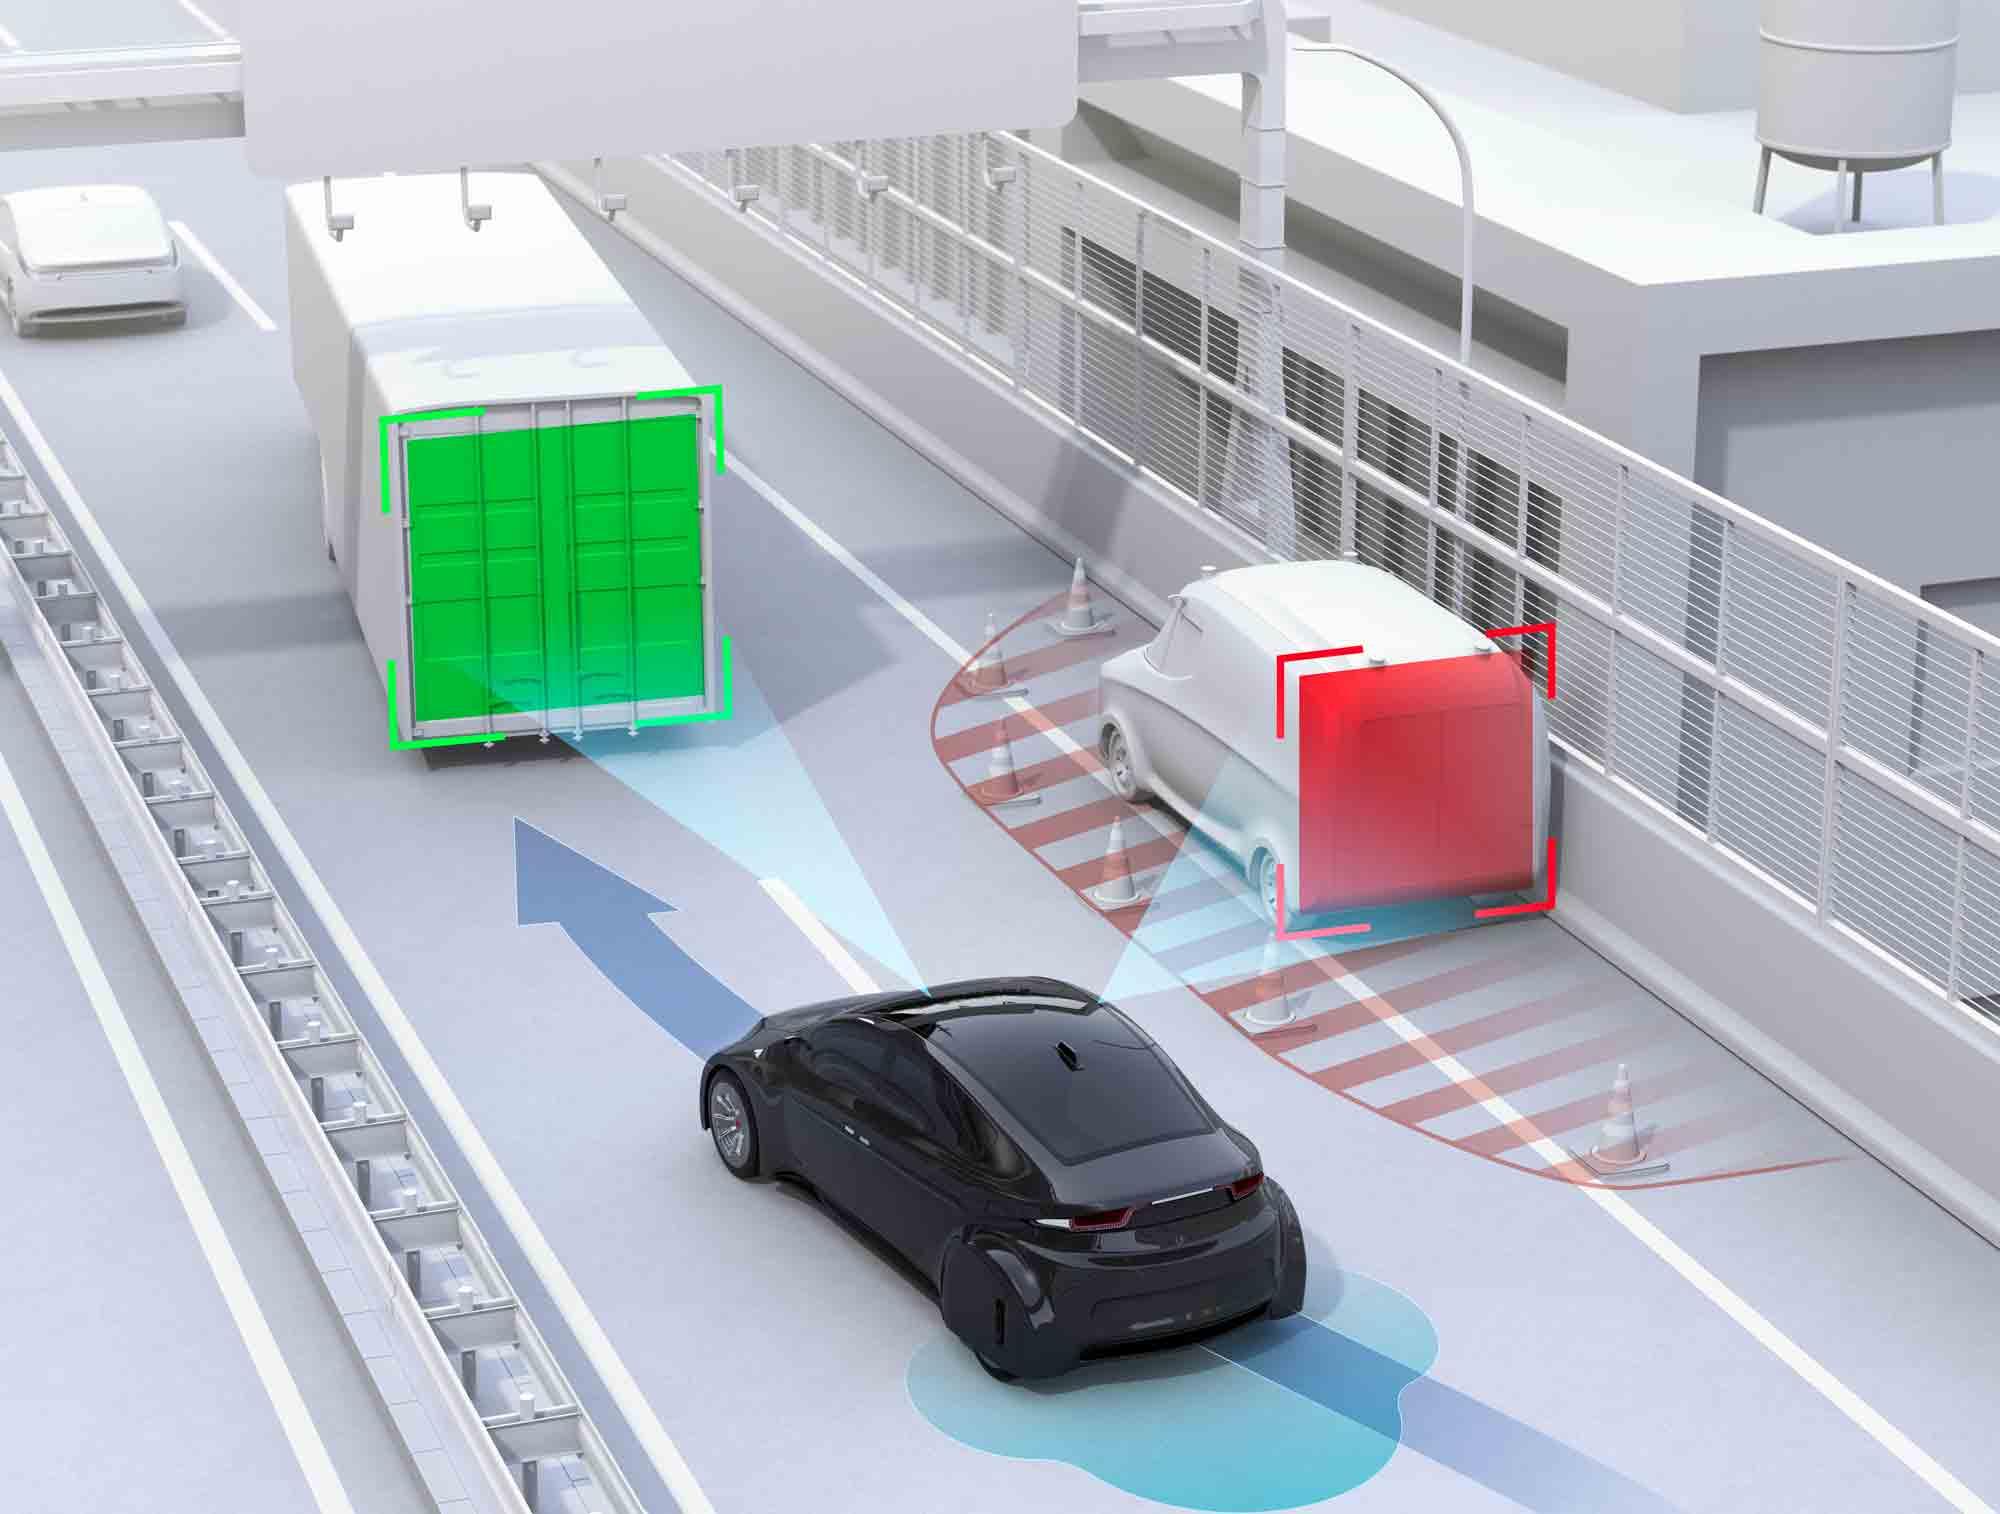 Sistemi di guida autonoma